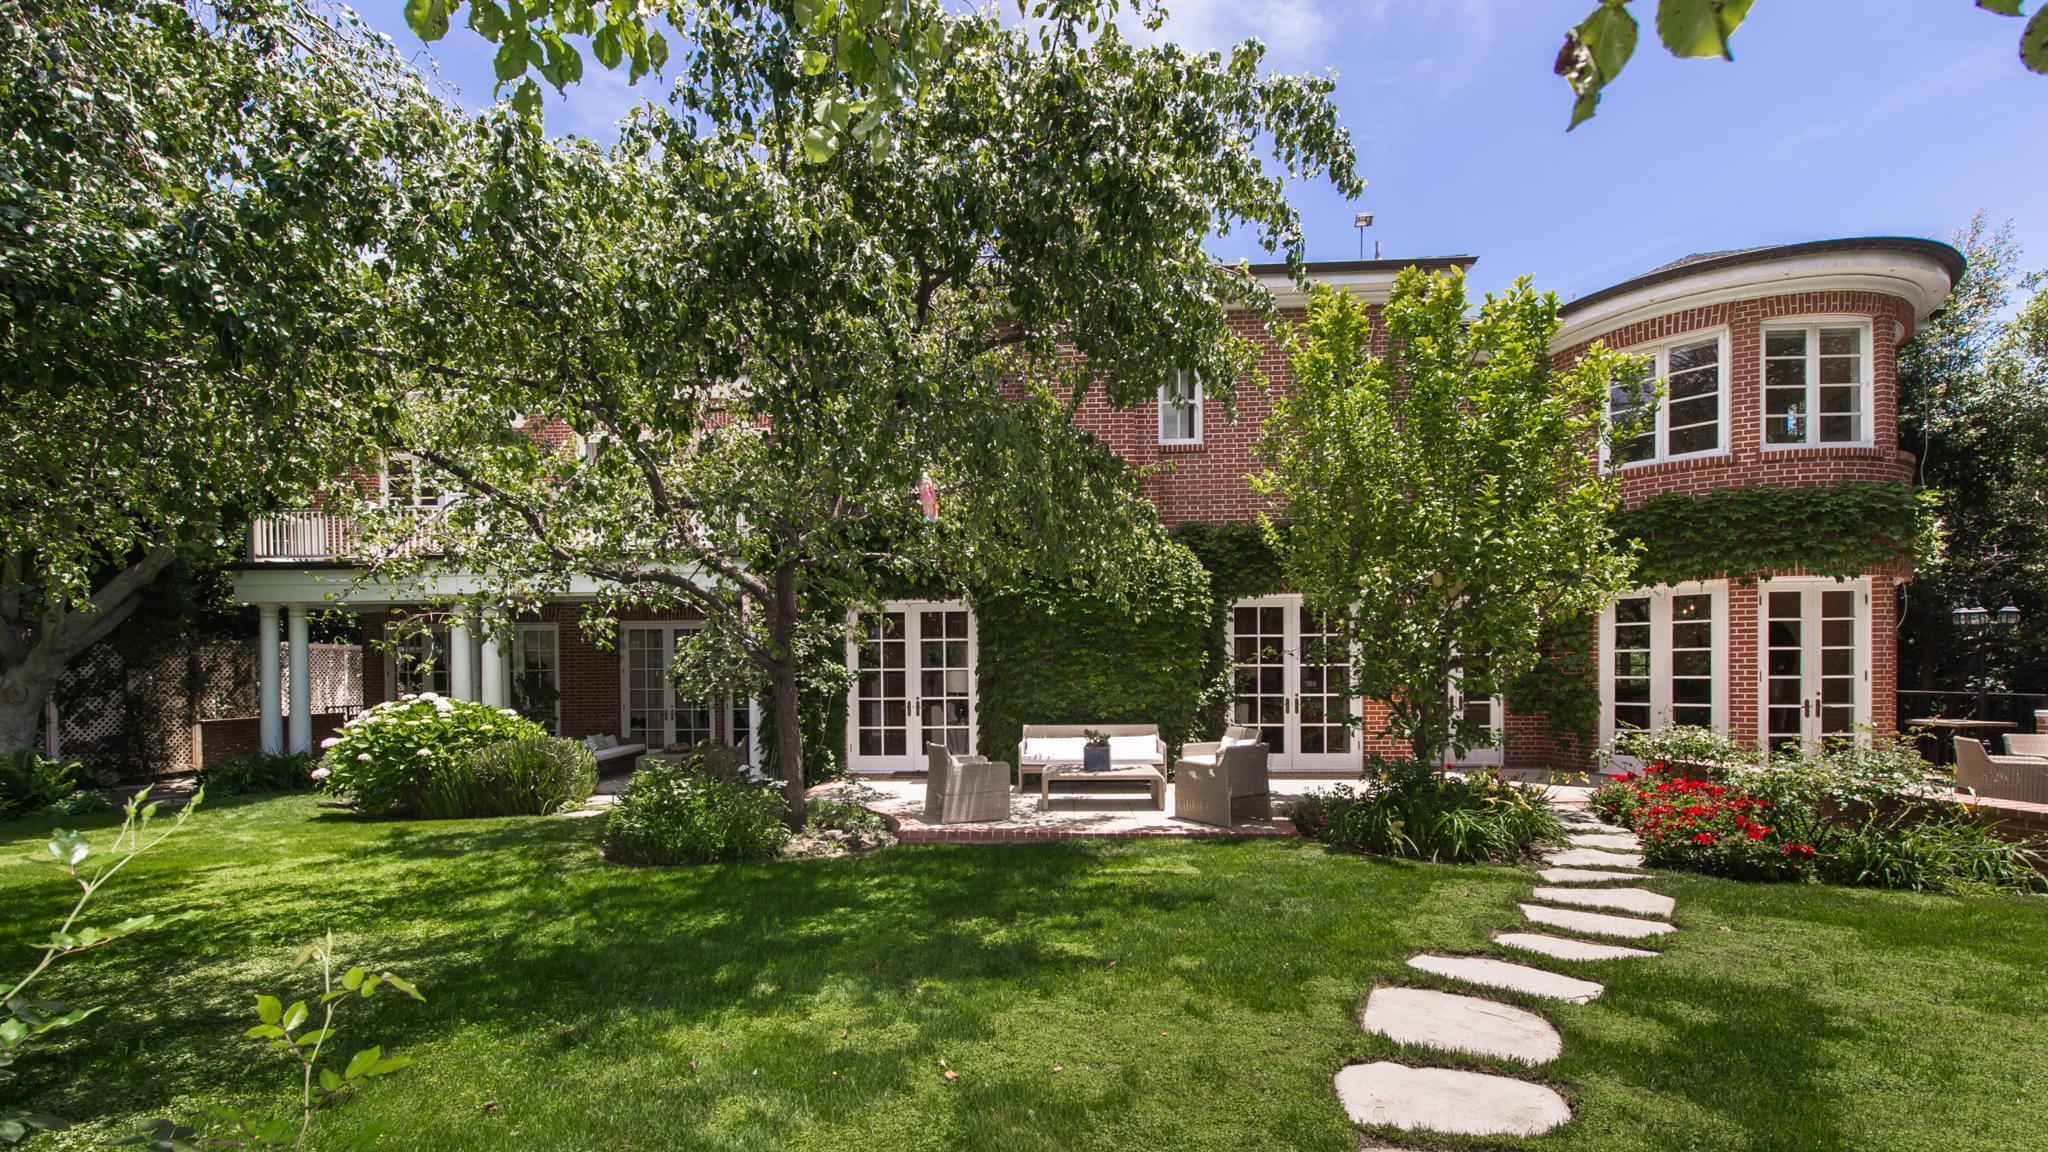 Star Trek Actor Jonathan Frakes Sells Beverly Hills Home